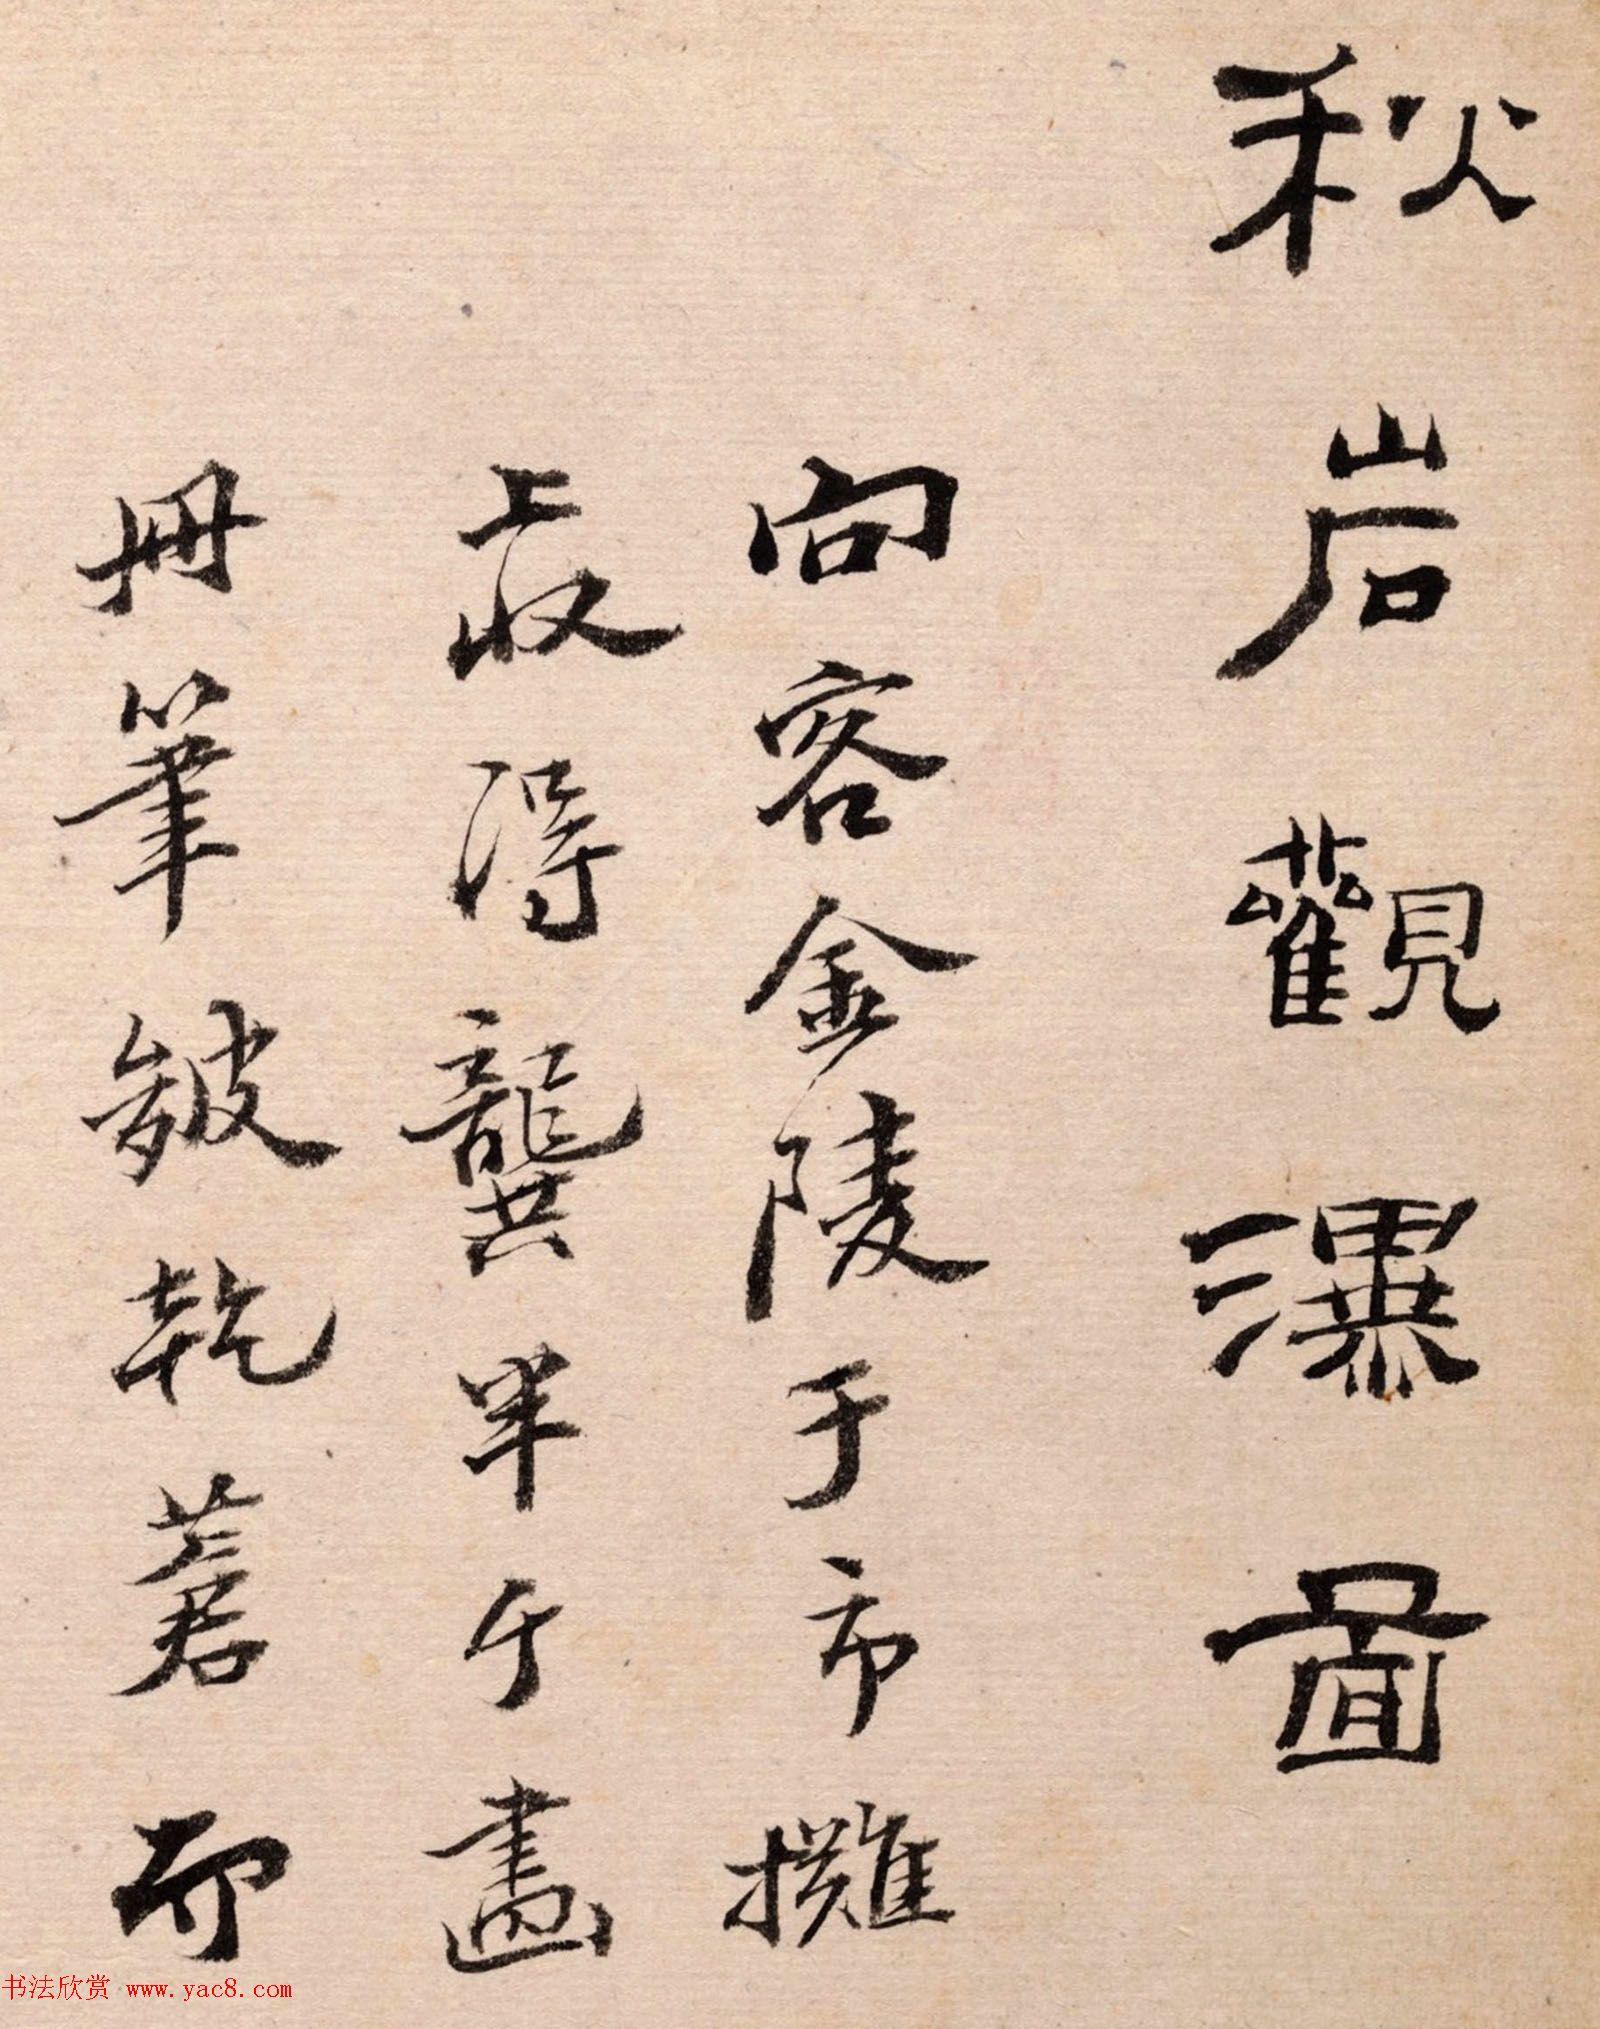 清代高凤翰书法字画欣赏《山水册》